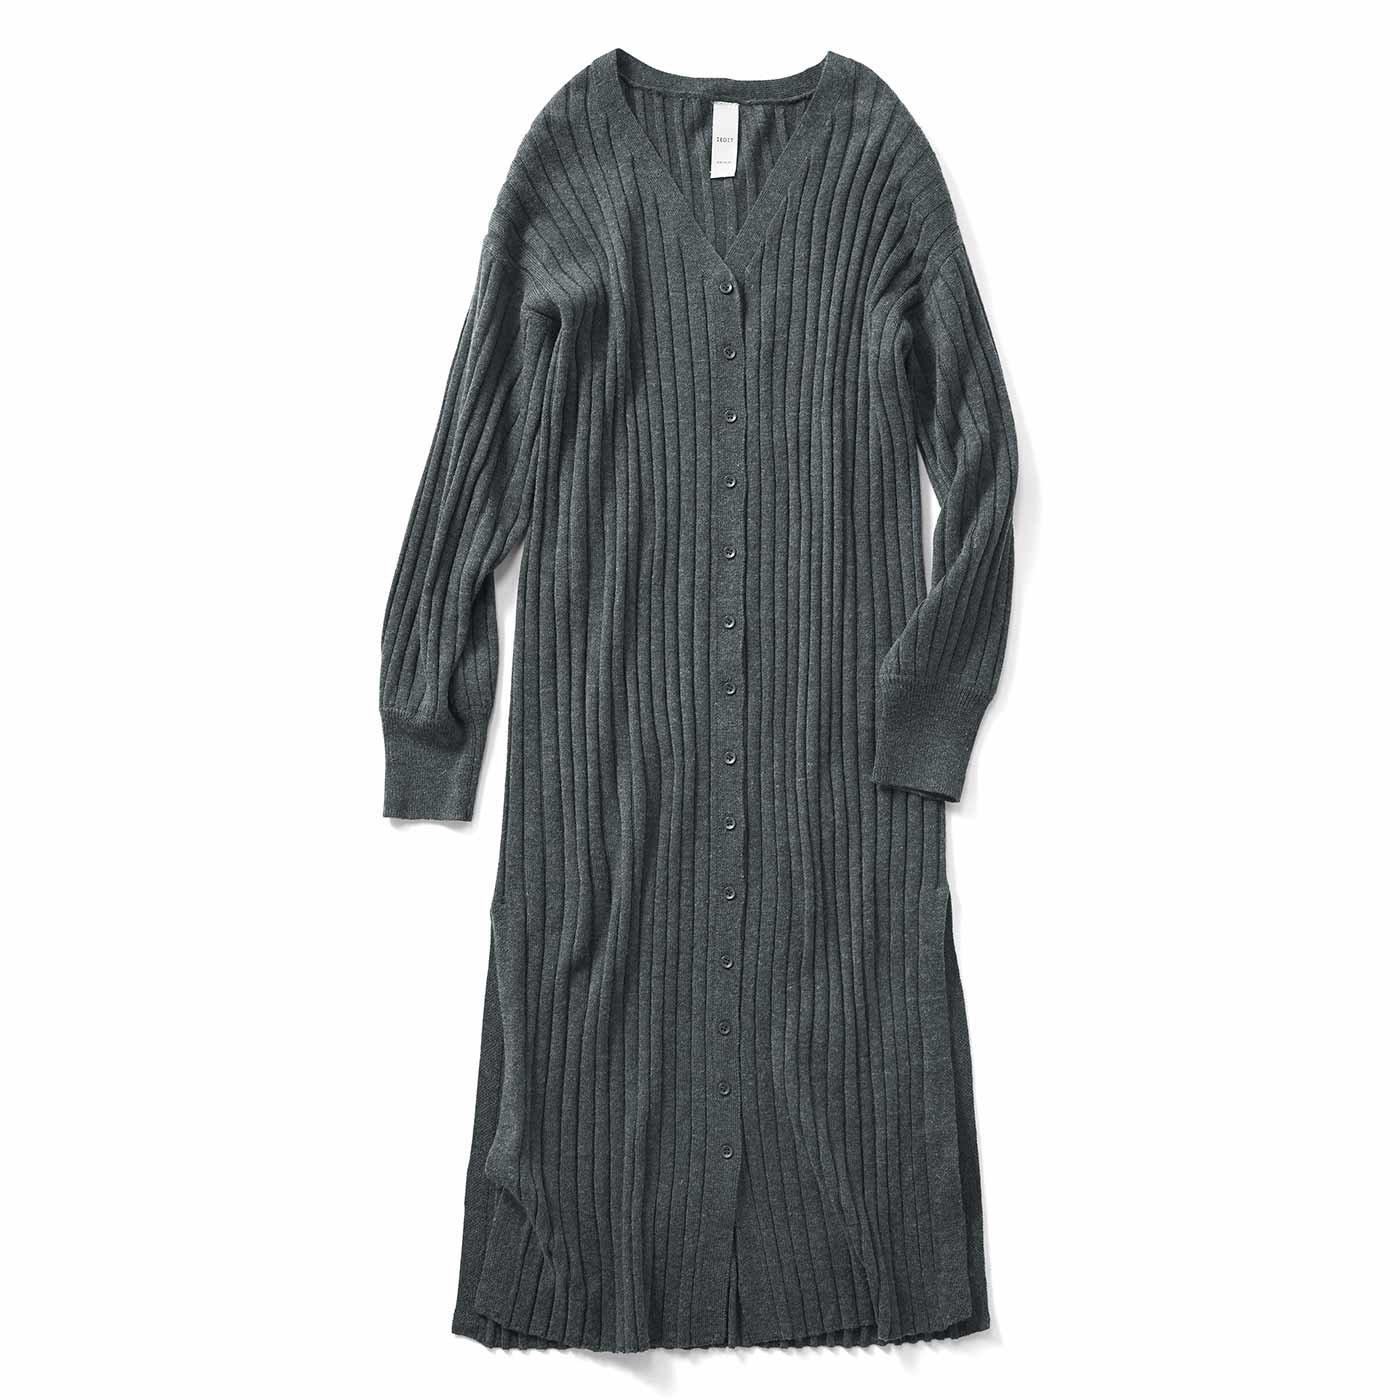 IEDIT[イディット] ワンピにもカーデにもなる ゆるっと心地いいリブ編みのロングニットカーデワンピース〈ダークグレー〉